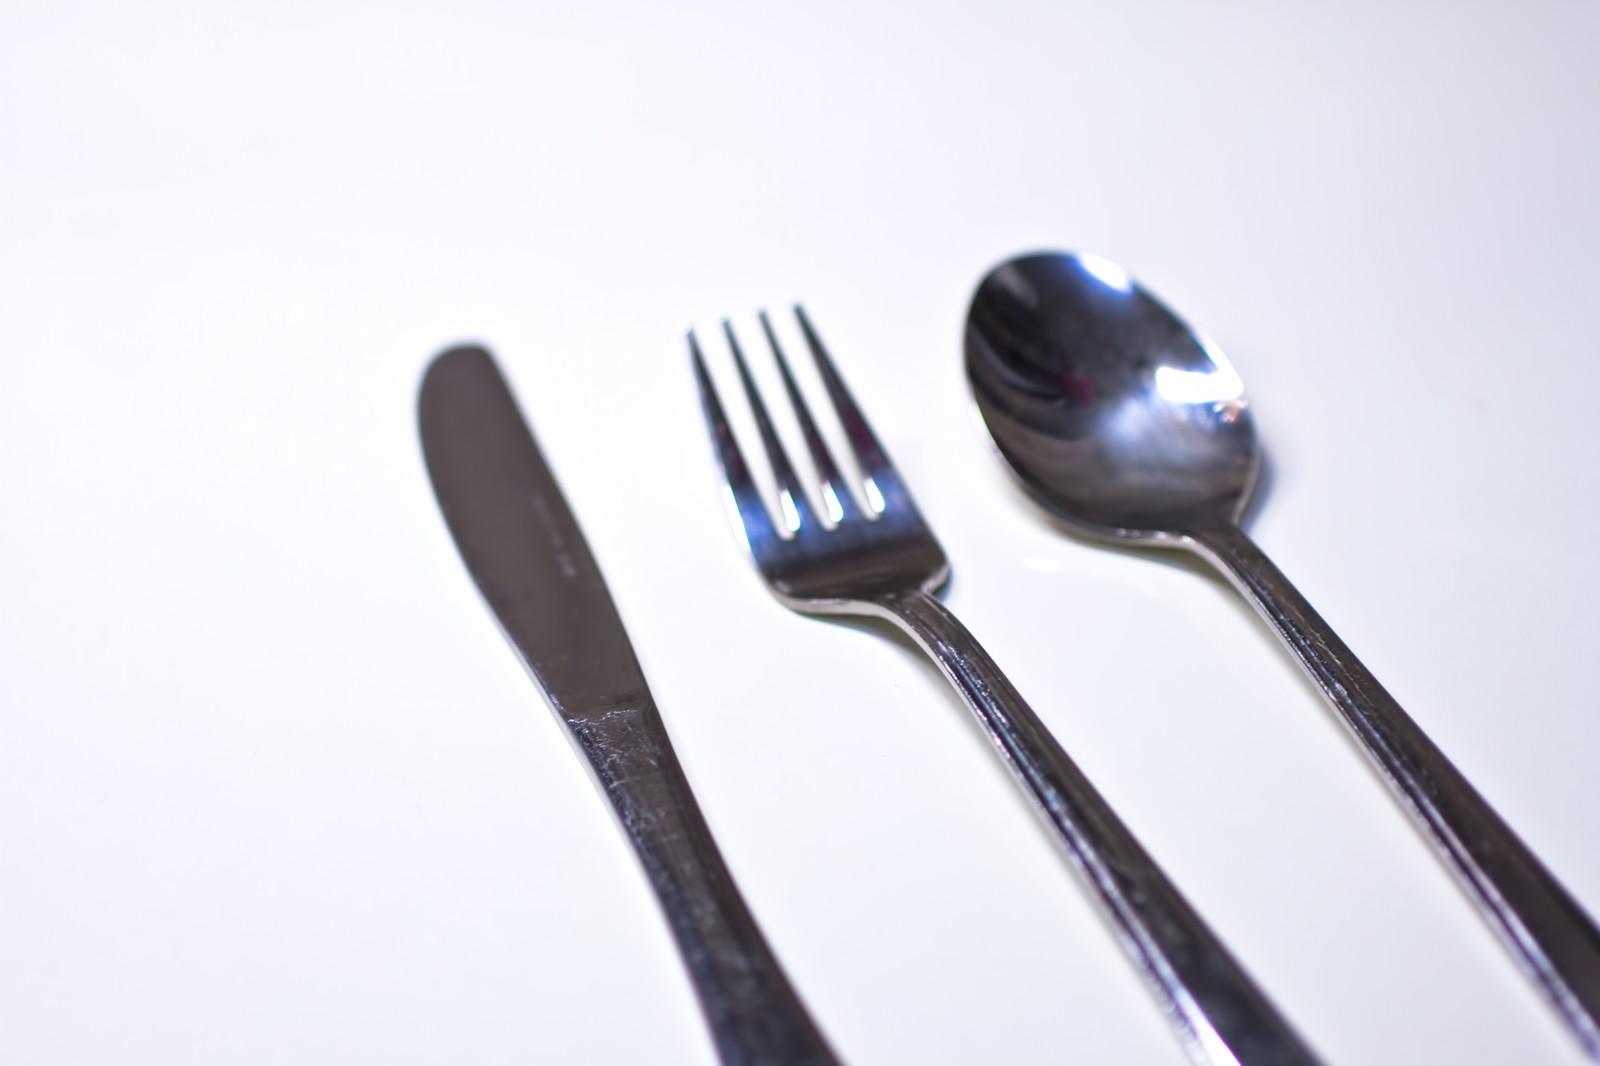 【ふるさと納税】黒豚角煮まんじゅう(15個入り)が届いたよ!(鹿児島県志布志市)